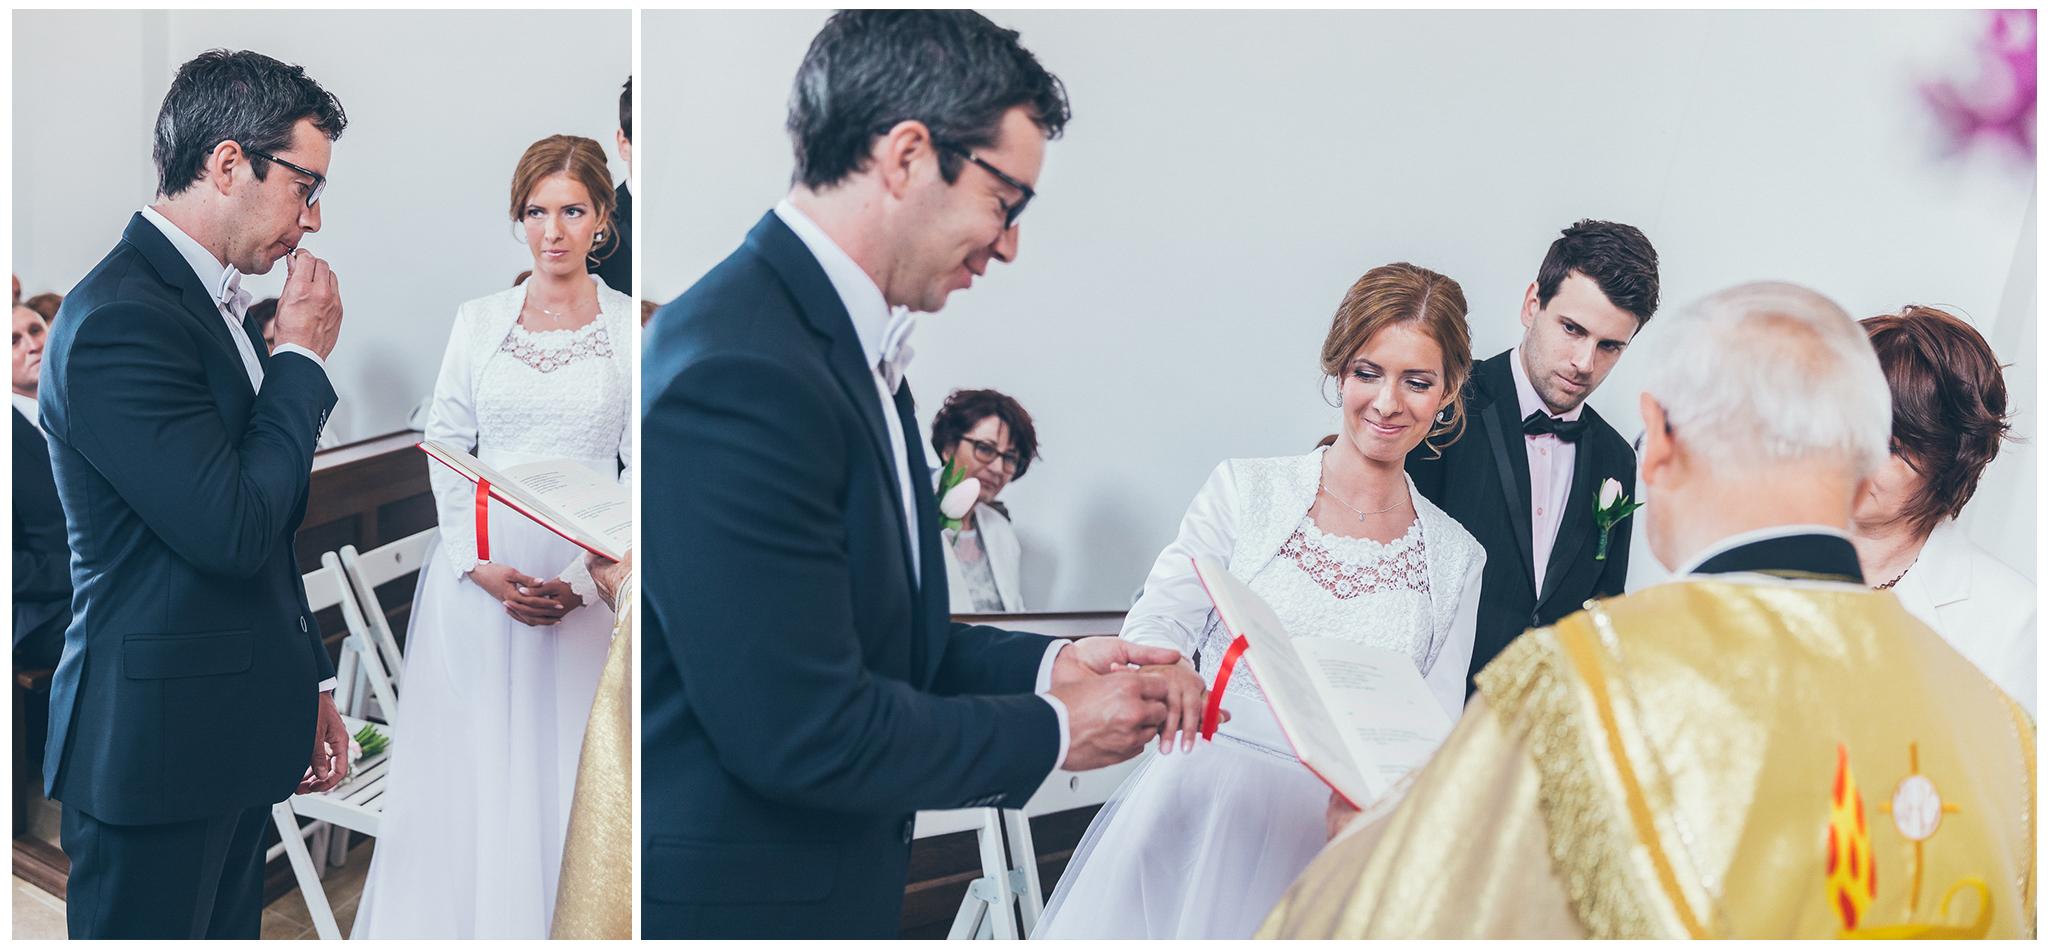 FylepPhoto, esküvőfotós, esküvői fotós Körmend, Szombathely, esküvőfotózás, magyarország, vas megye, prémium, jegyesfotózás, Fülöp Péter, körmend, kreatív, fotográfus_21.jpg